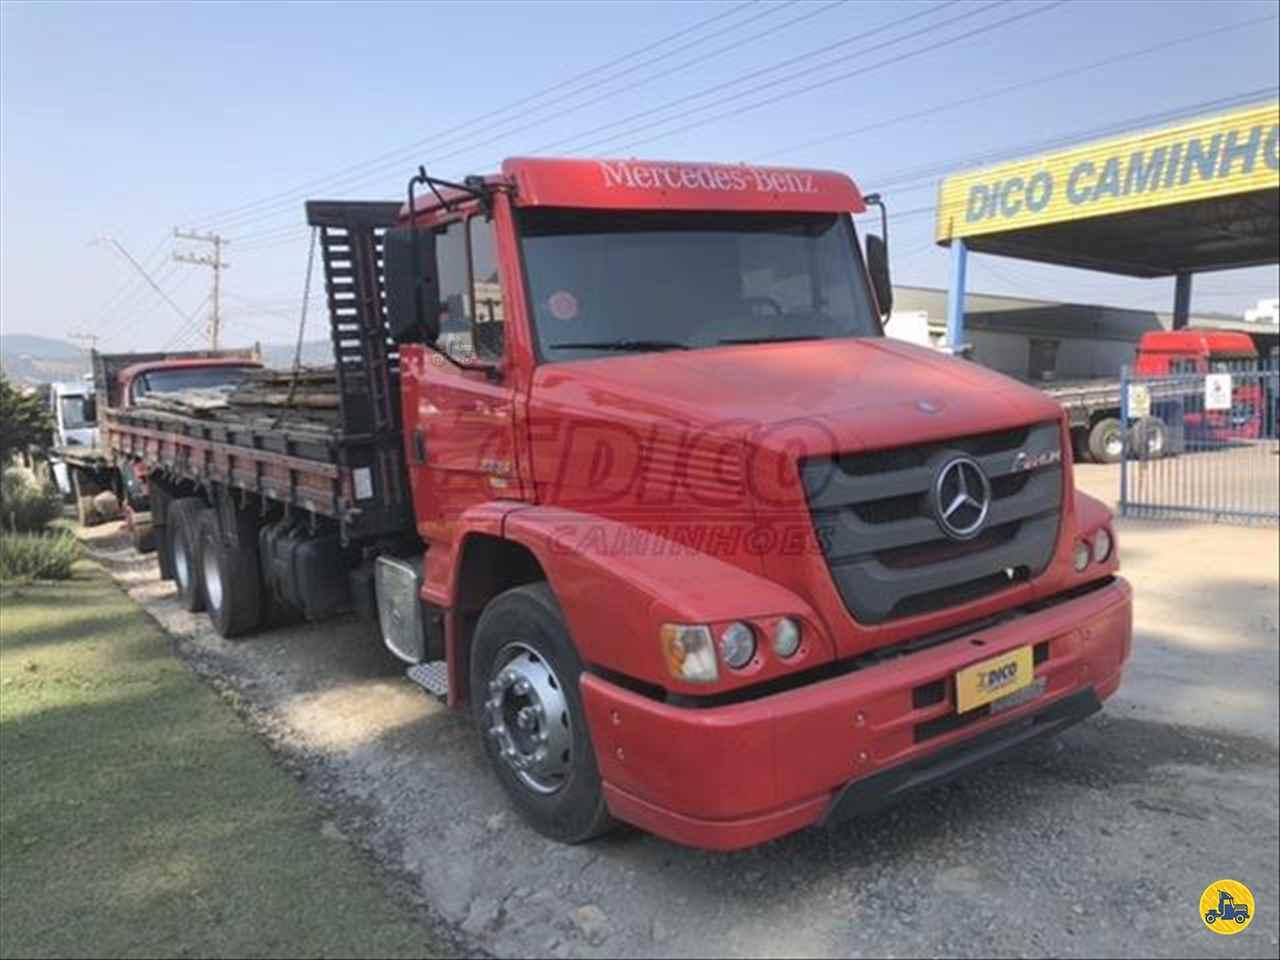 CAMINHAO MERCEDES-BENZ MB 2324 Carga Seca Truck 6x2 Dico Caminhões RIO DO SUL SANTA CATARINA SC